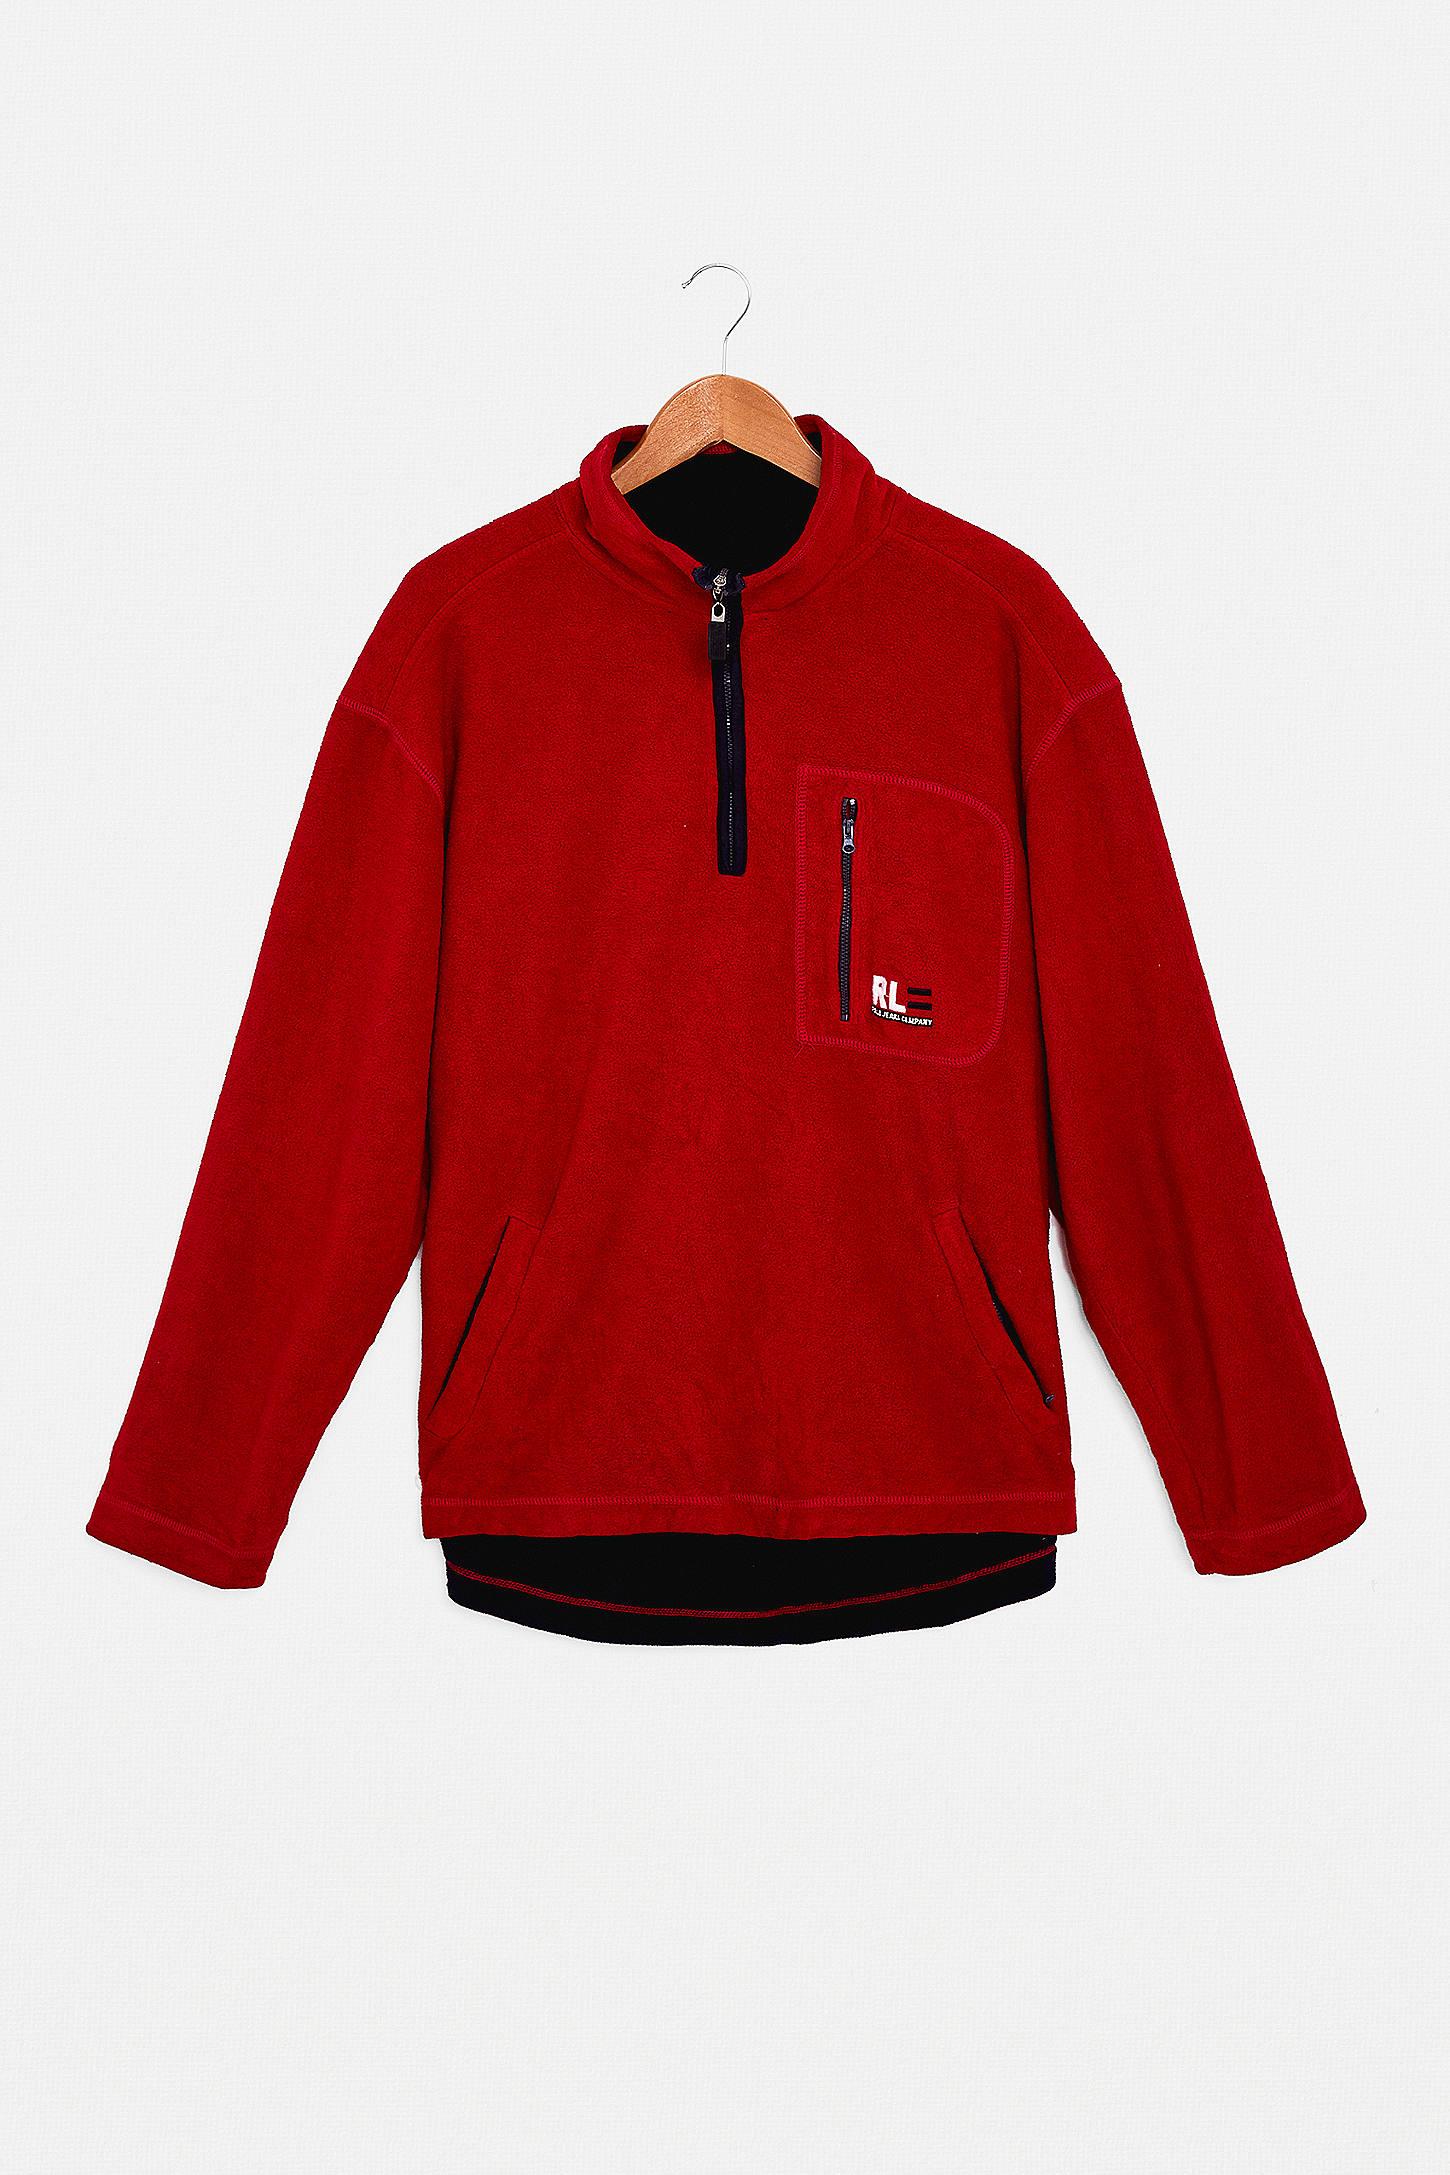 Urban Renewal One Of A Kind Ralph Lauren Fleece Half Zip Sweatshirt